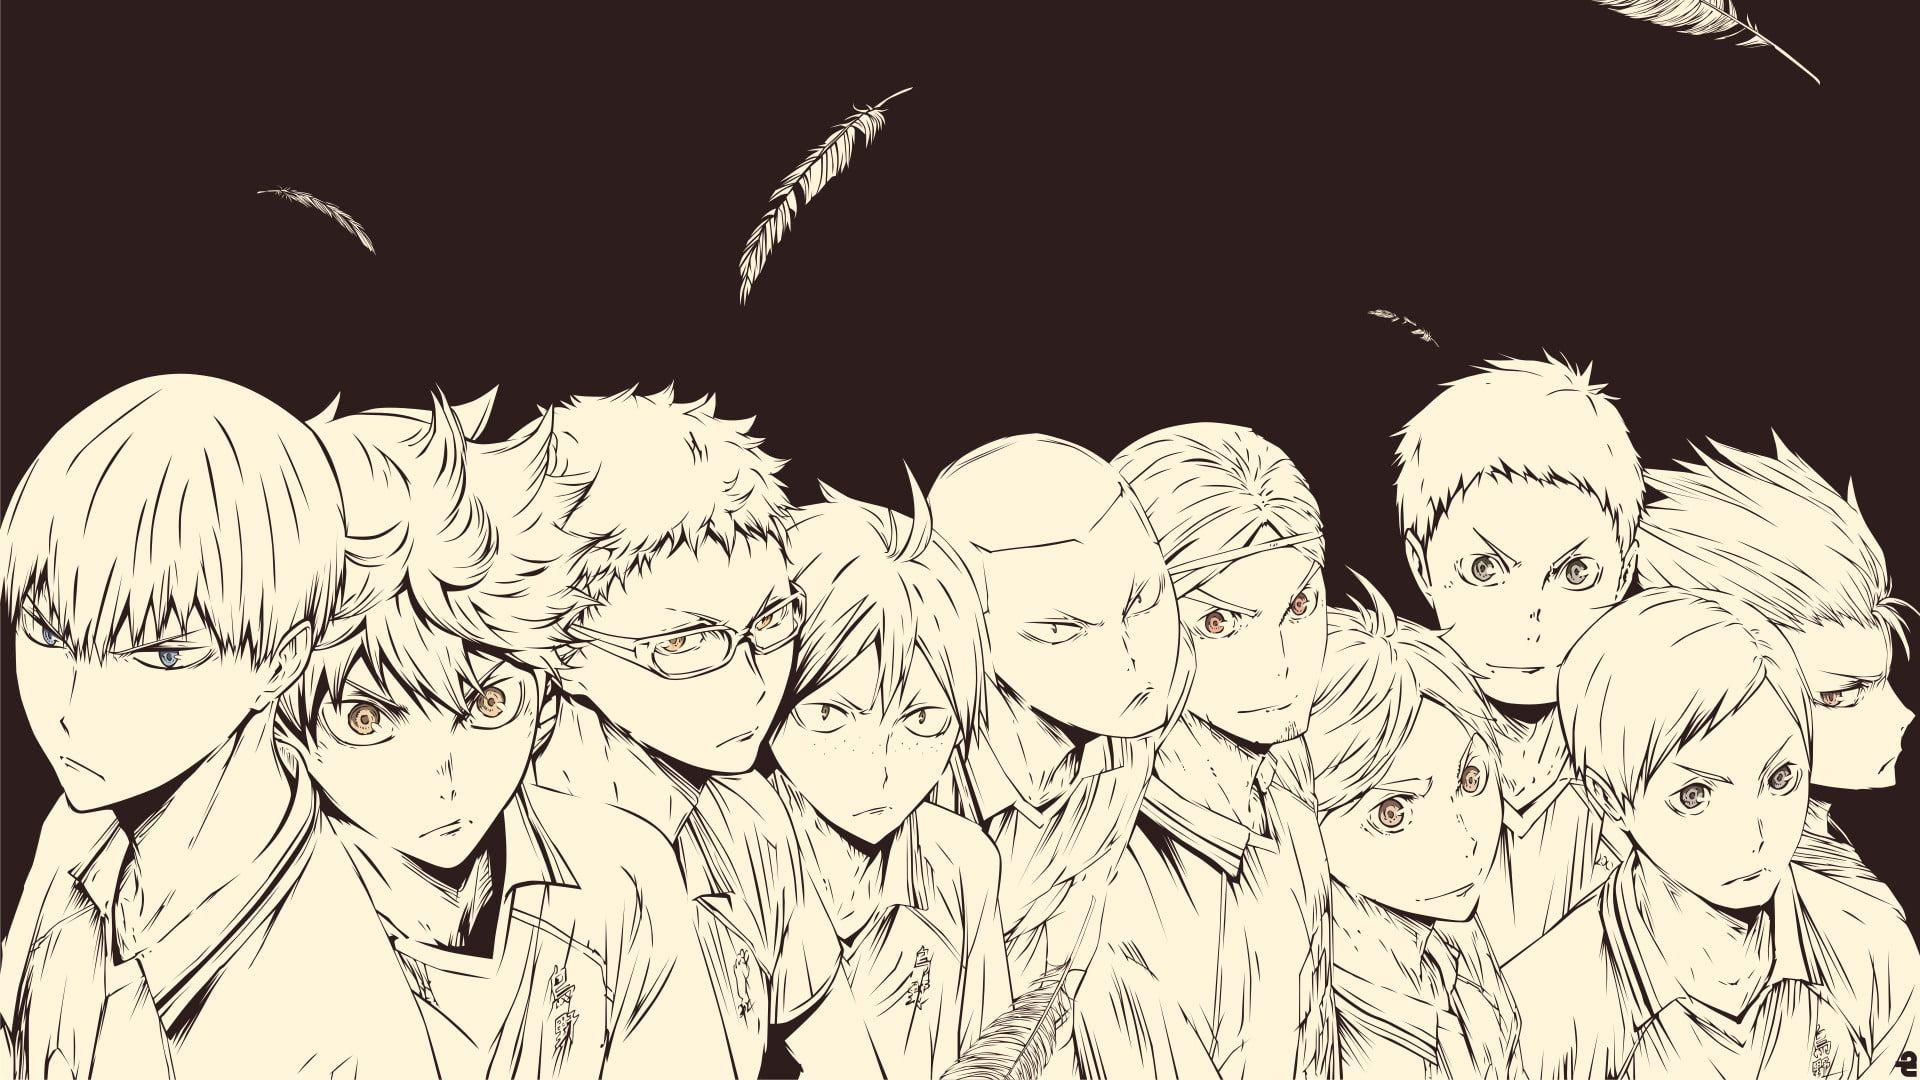 Anime Haikyu Asahi Azumane Chikara Ennoshita Daichi Sawamura Haikyuu Haikyu Kei Tsukishima Kōshi Sugawara Ryunosuke Ta Haikyuu Wallpaper Haikyuu Anime